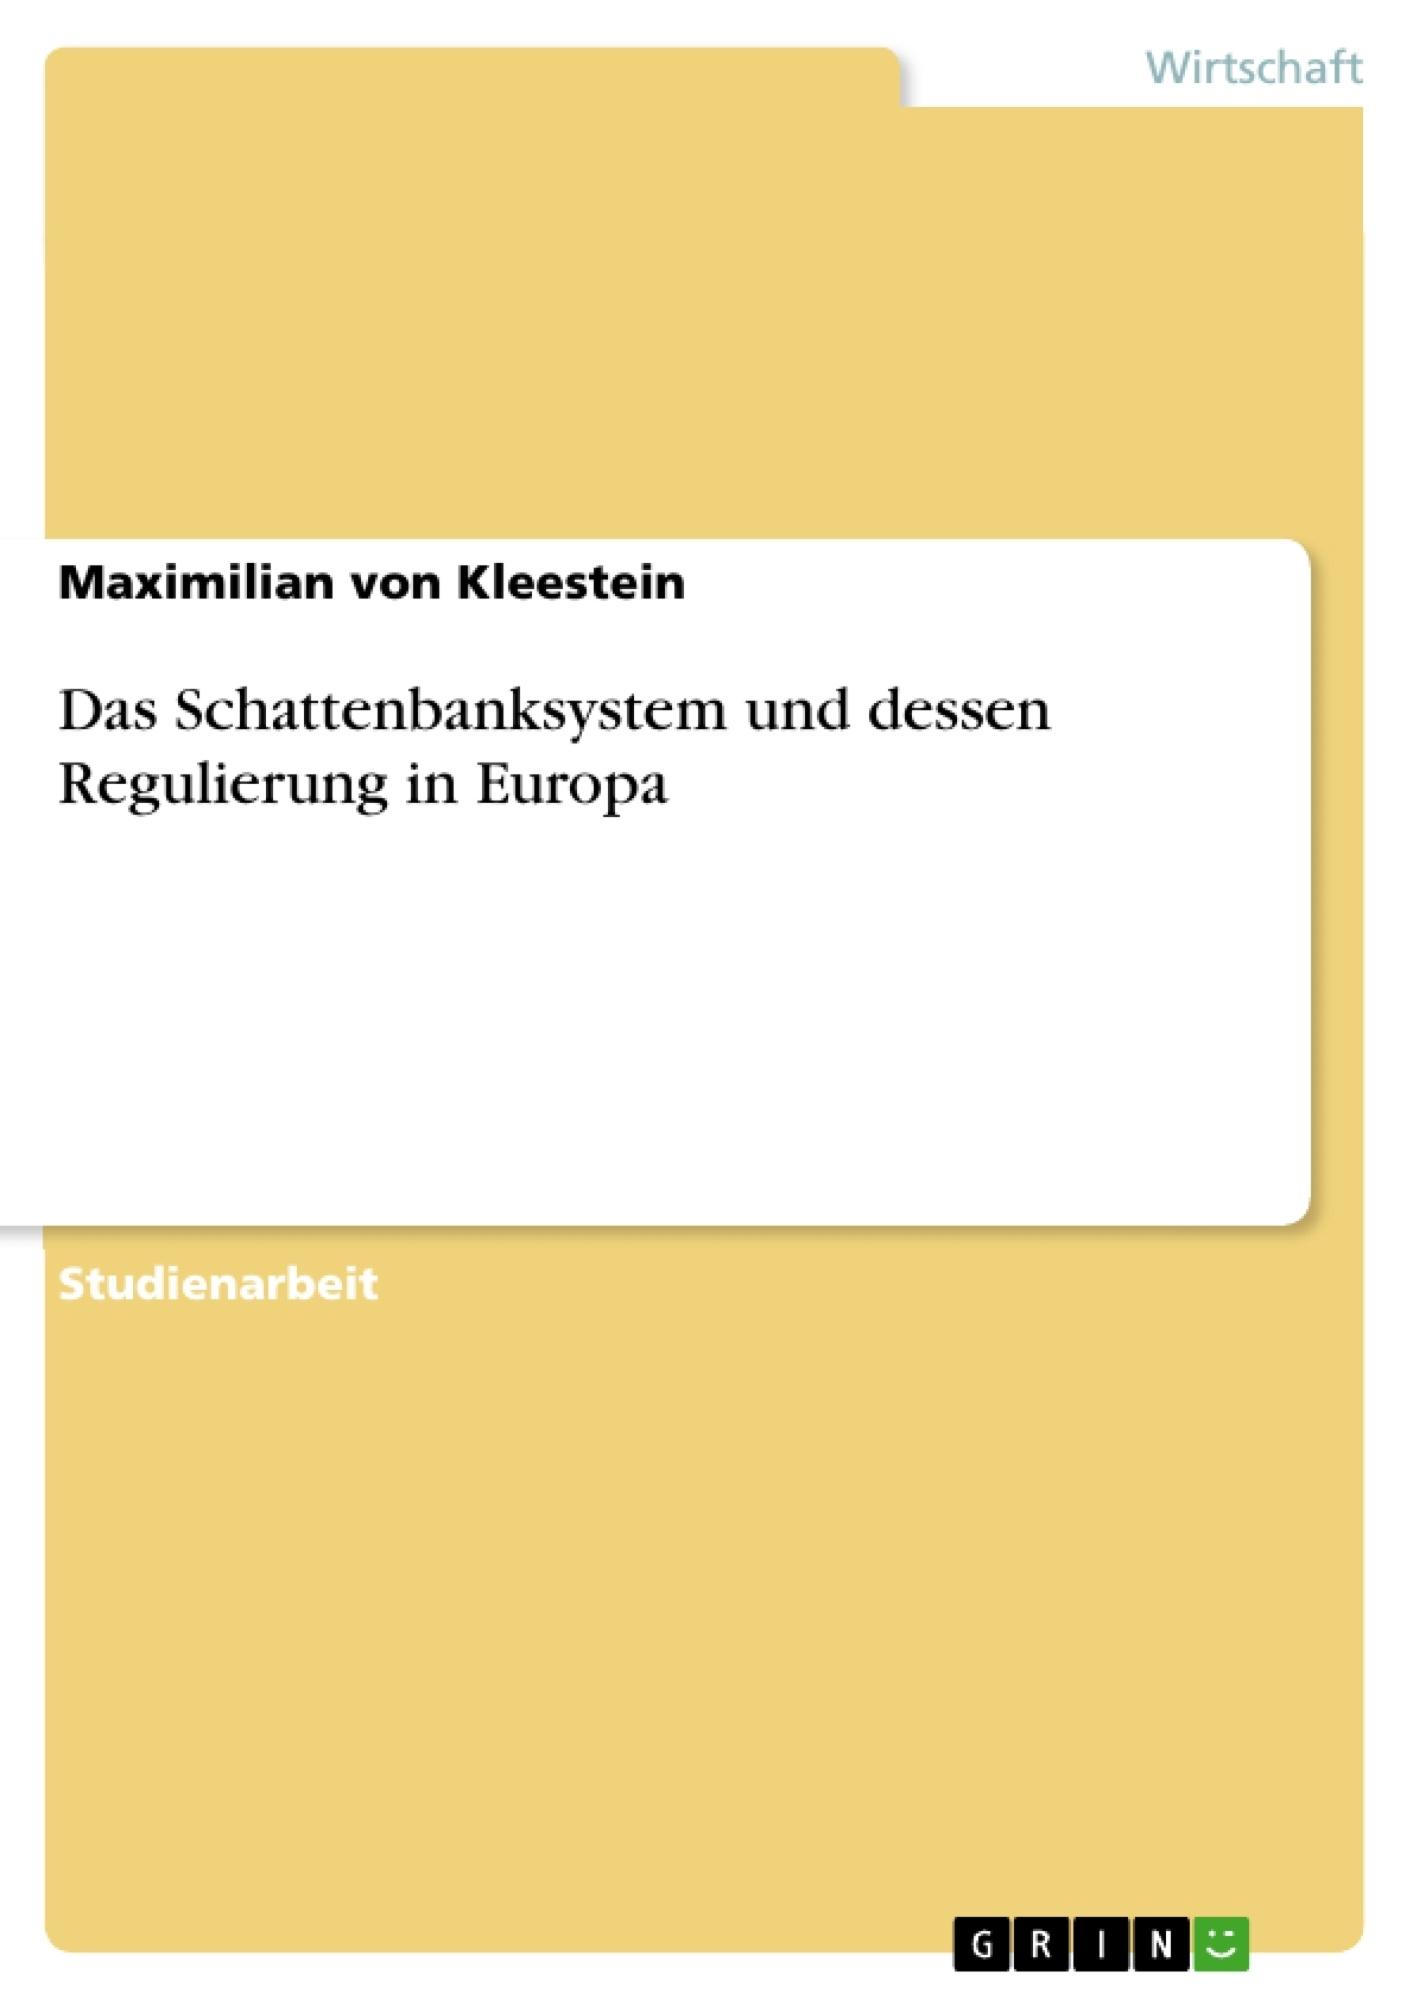 Titel: Das Schattenbanksystem und dessen Regulierung in Europa